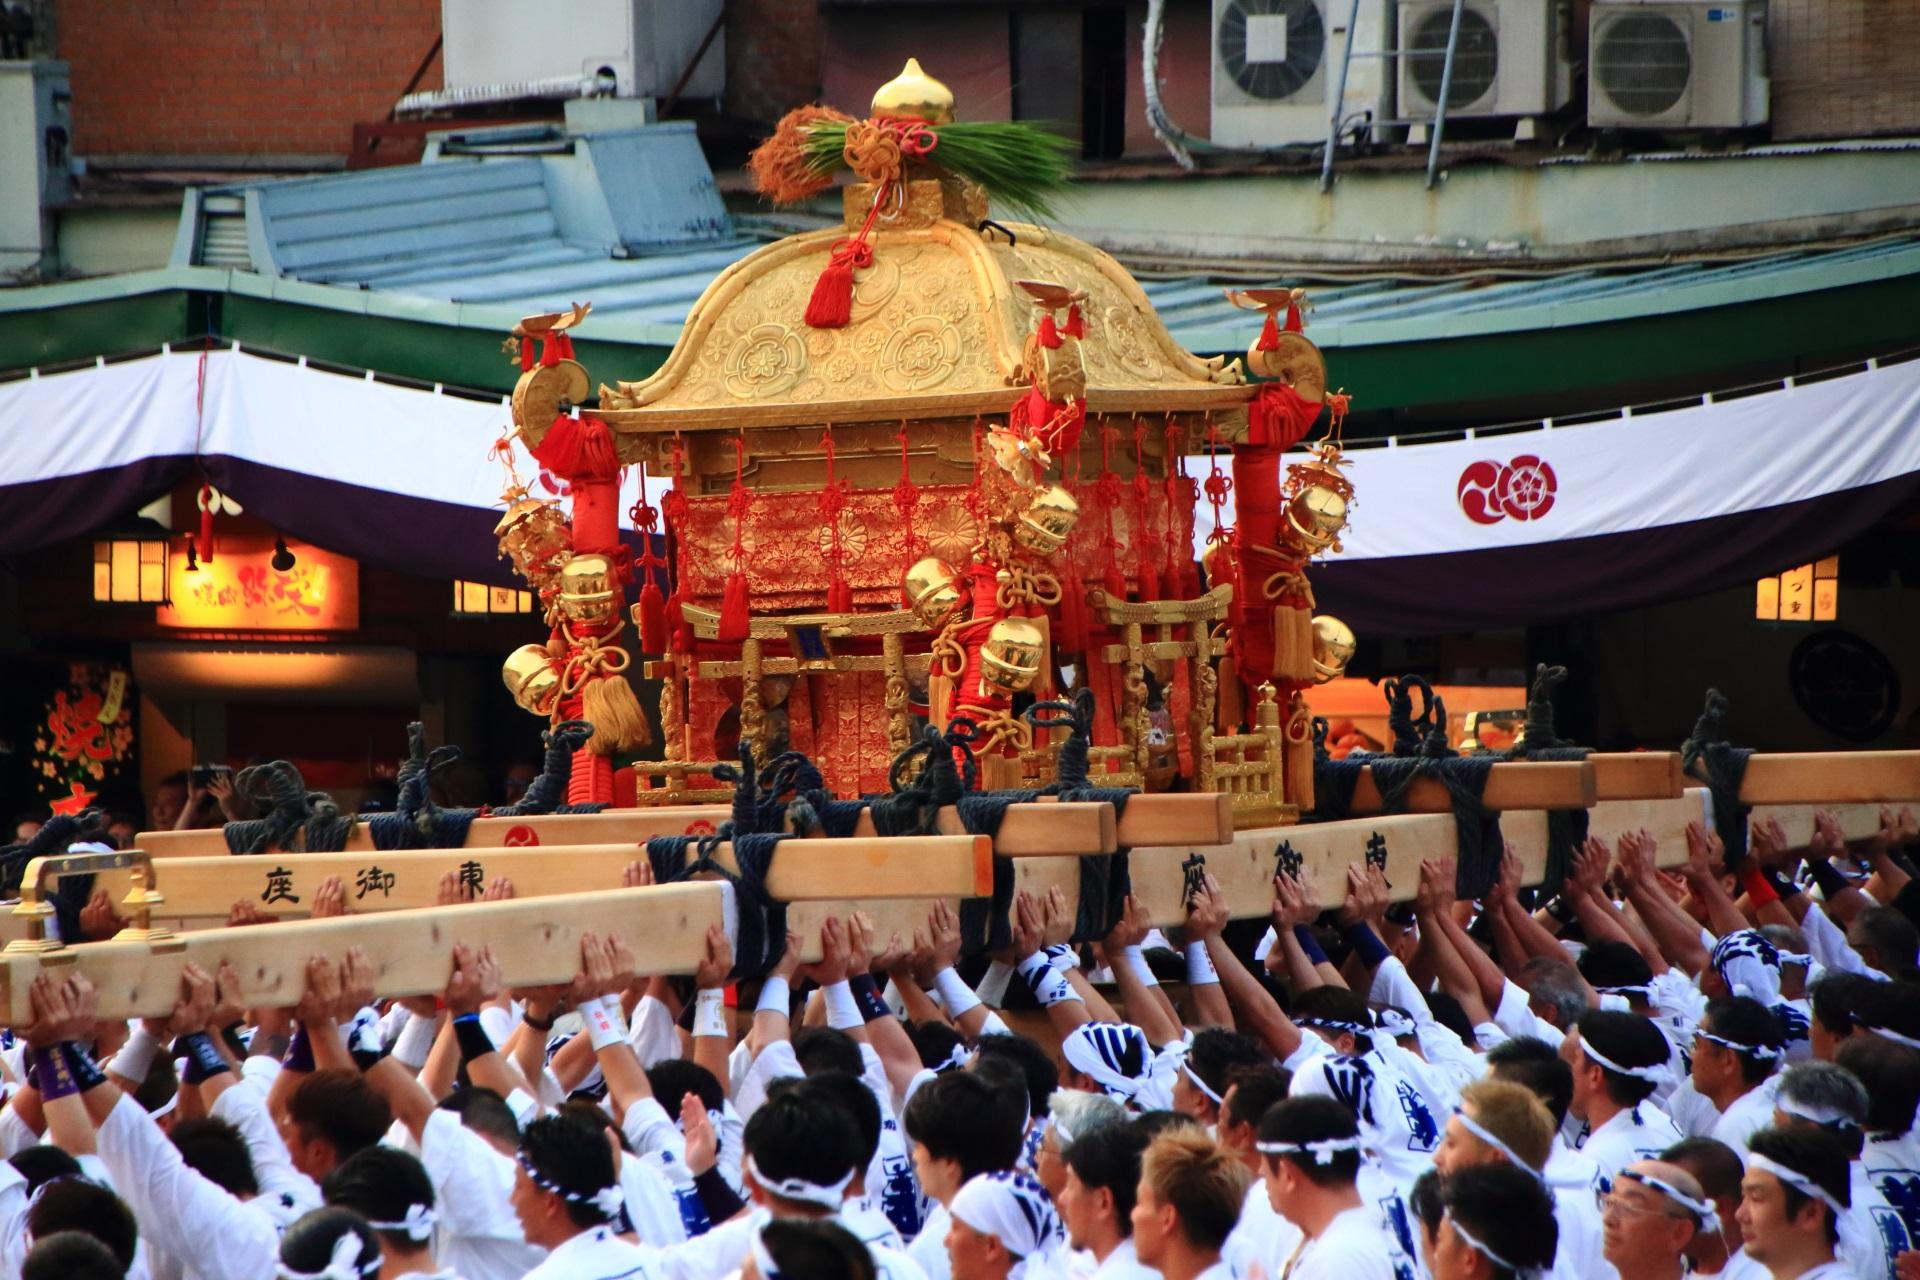 みんなの力で持ち上げられる2トンもある神幸祭のお神輿